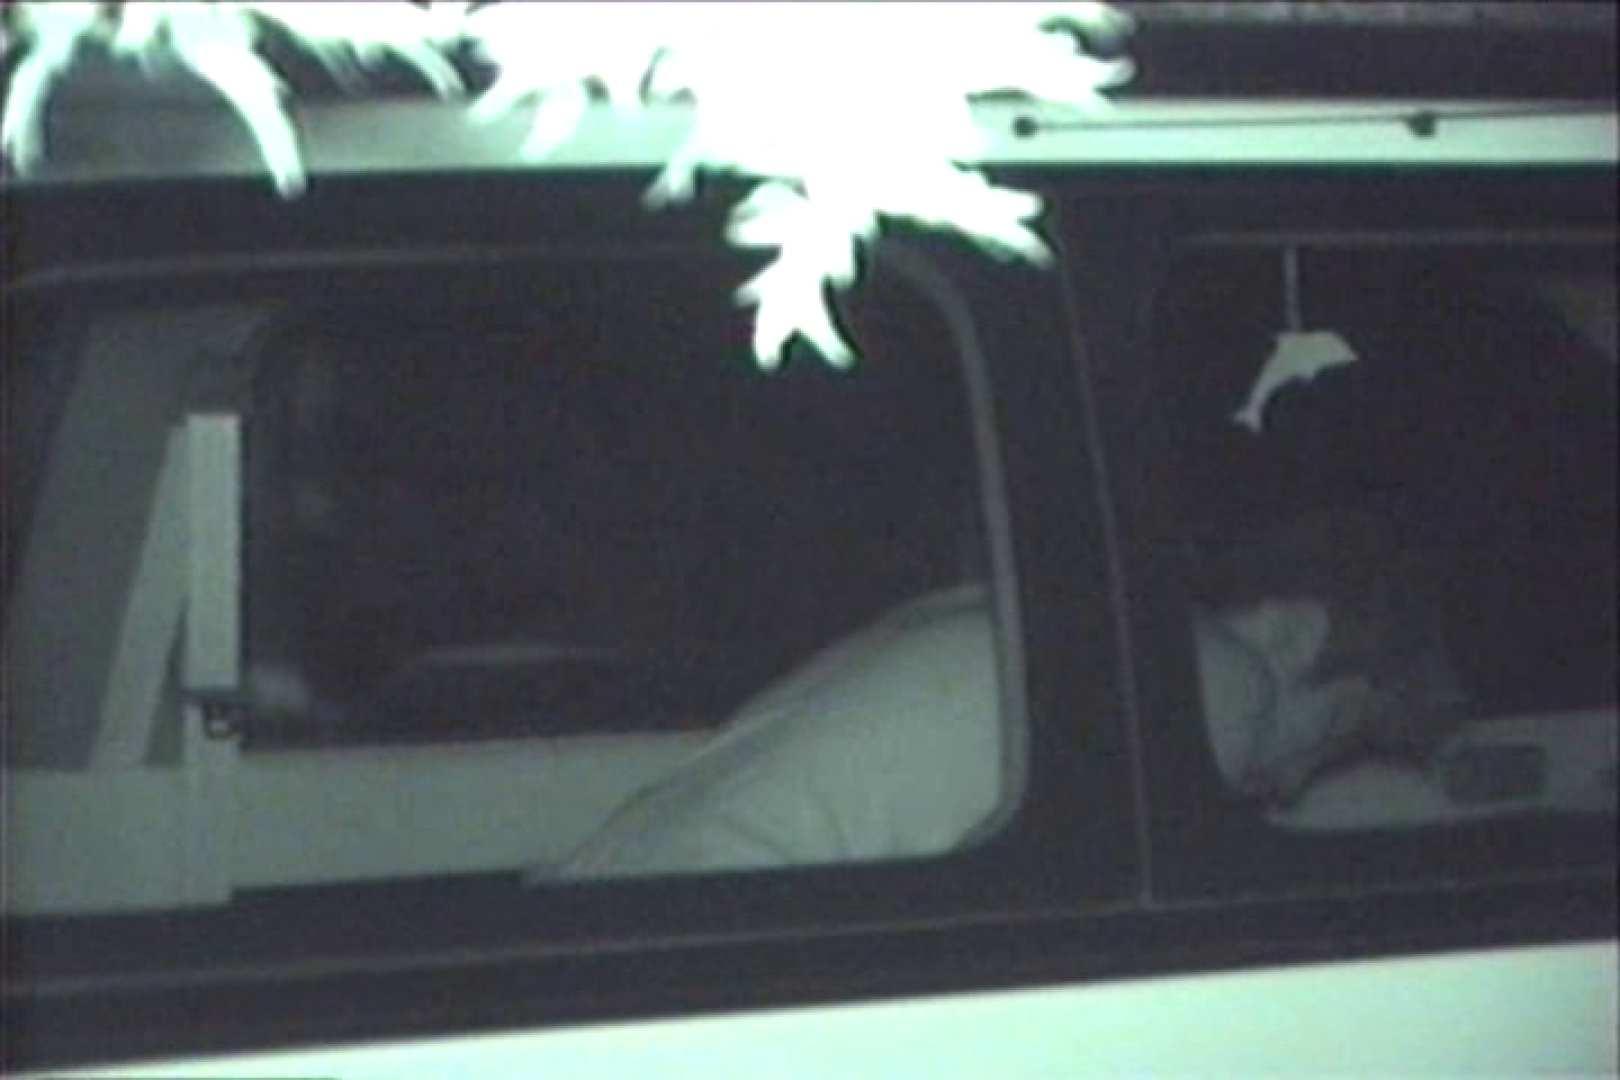 車の中はラブホテル 無修正版  Vol.18 ラブホテル隠し撮り | 美しいOLの裸体  100pic 64